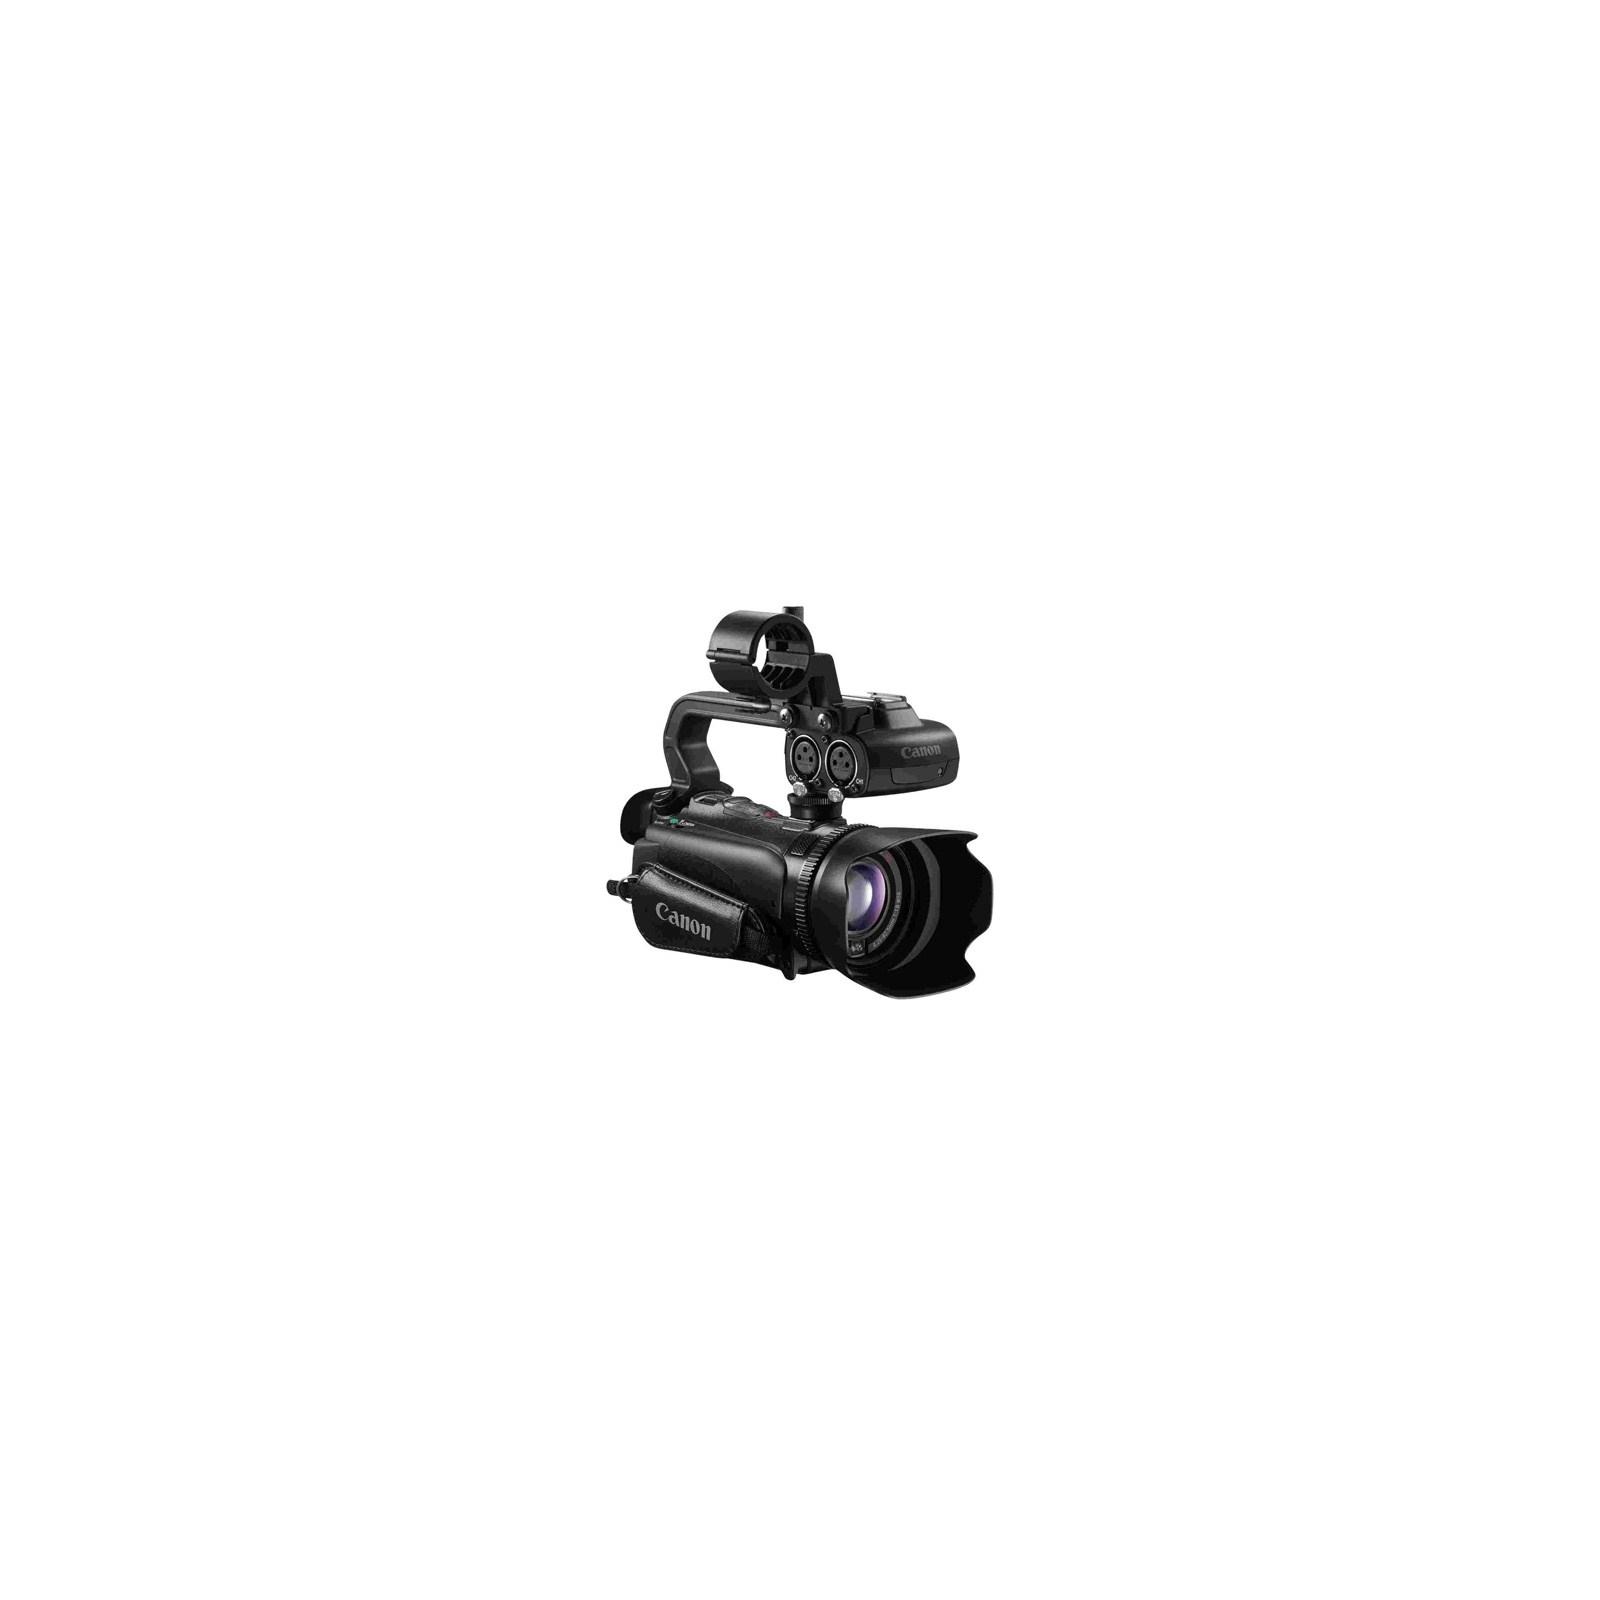 Цифровая видеокамера Canon XA10 изображение 3